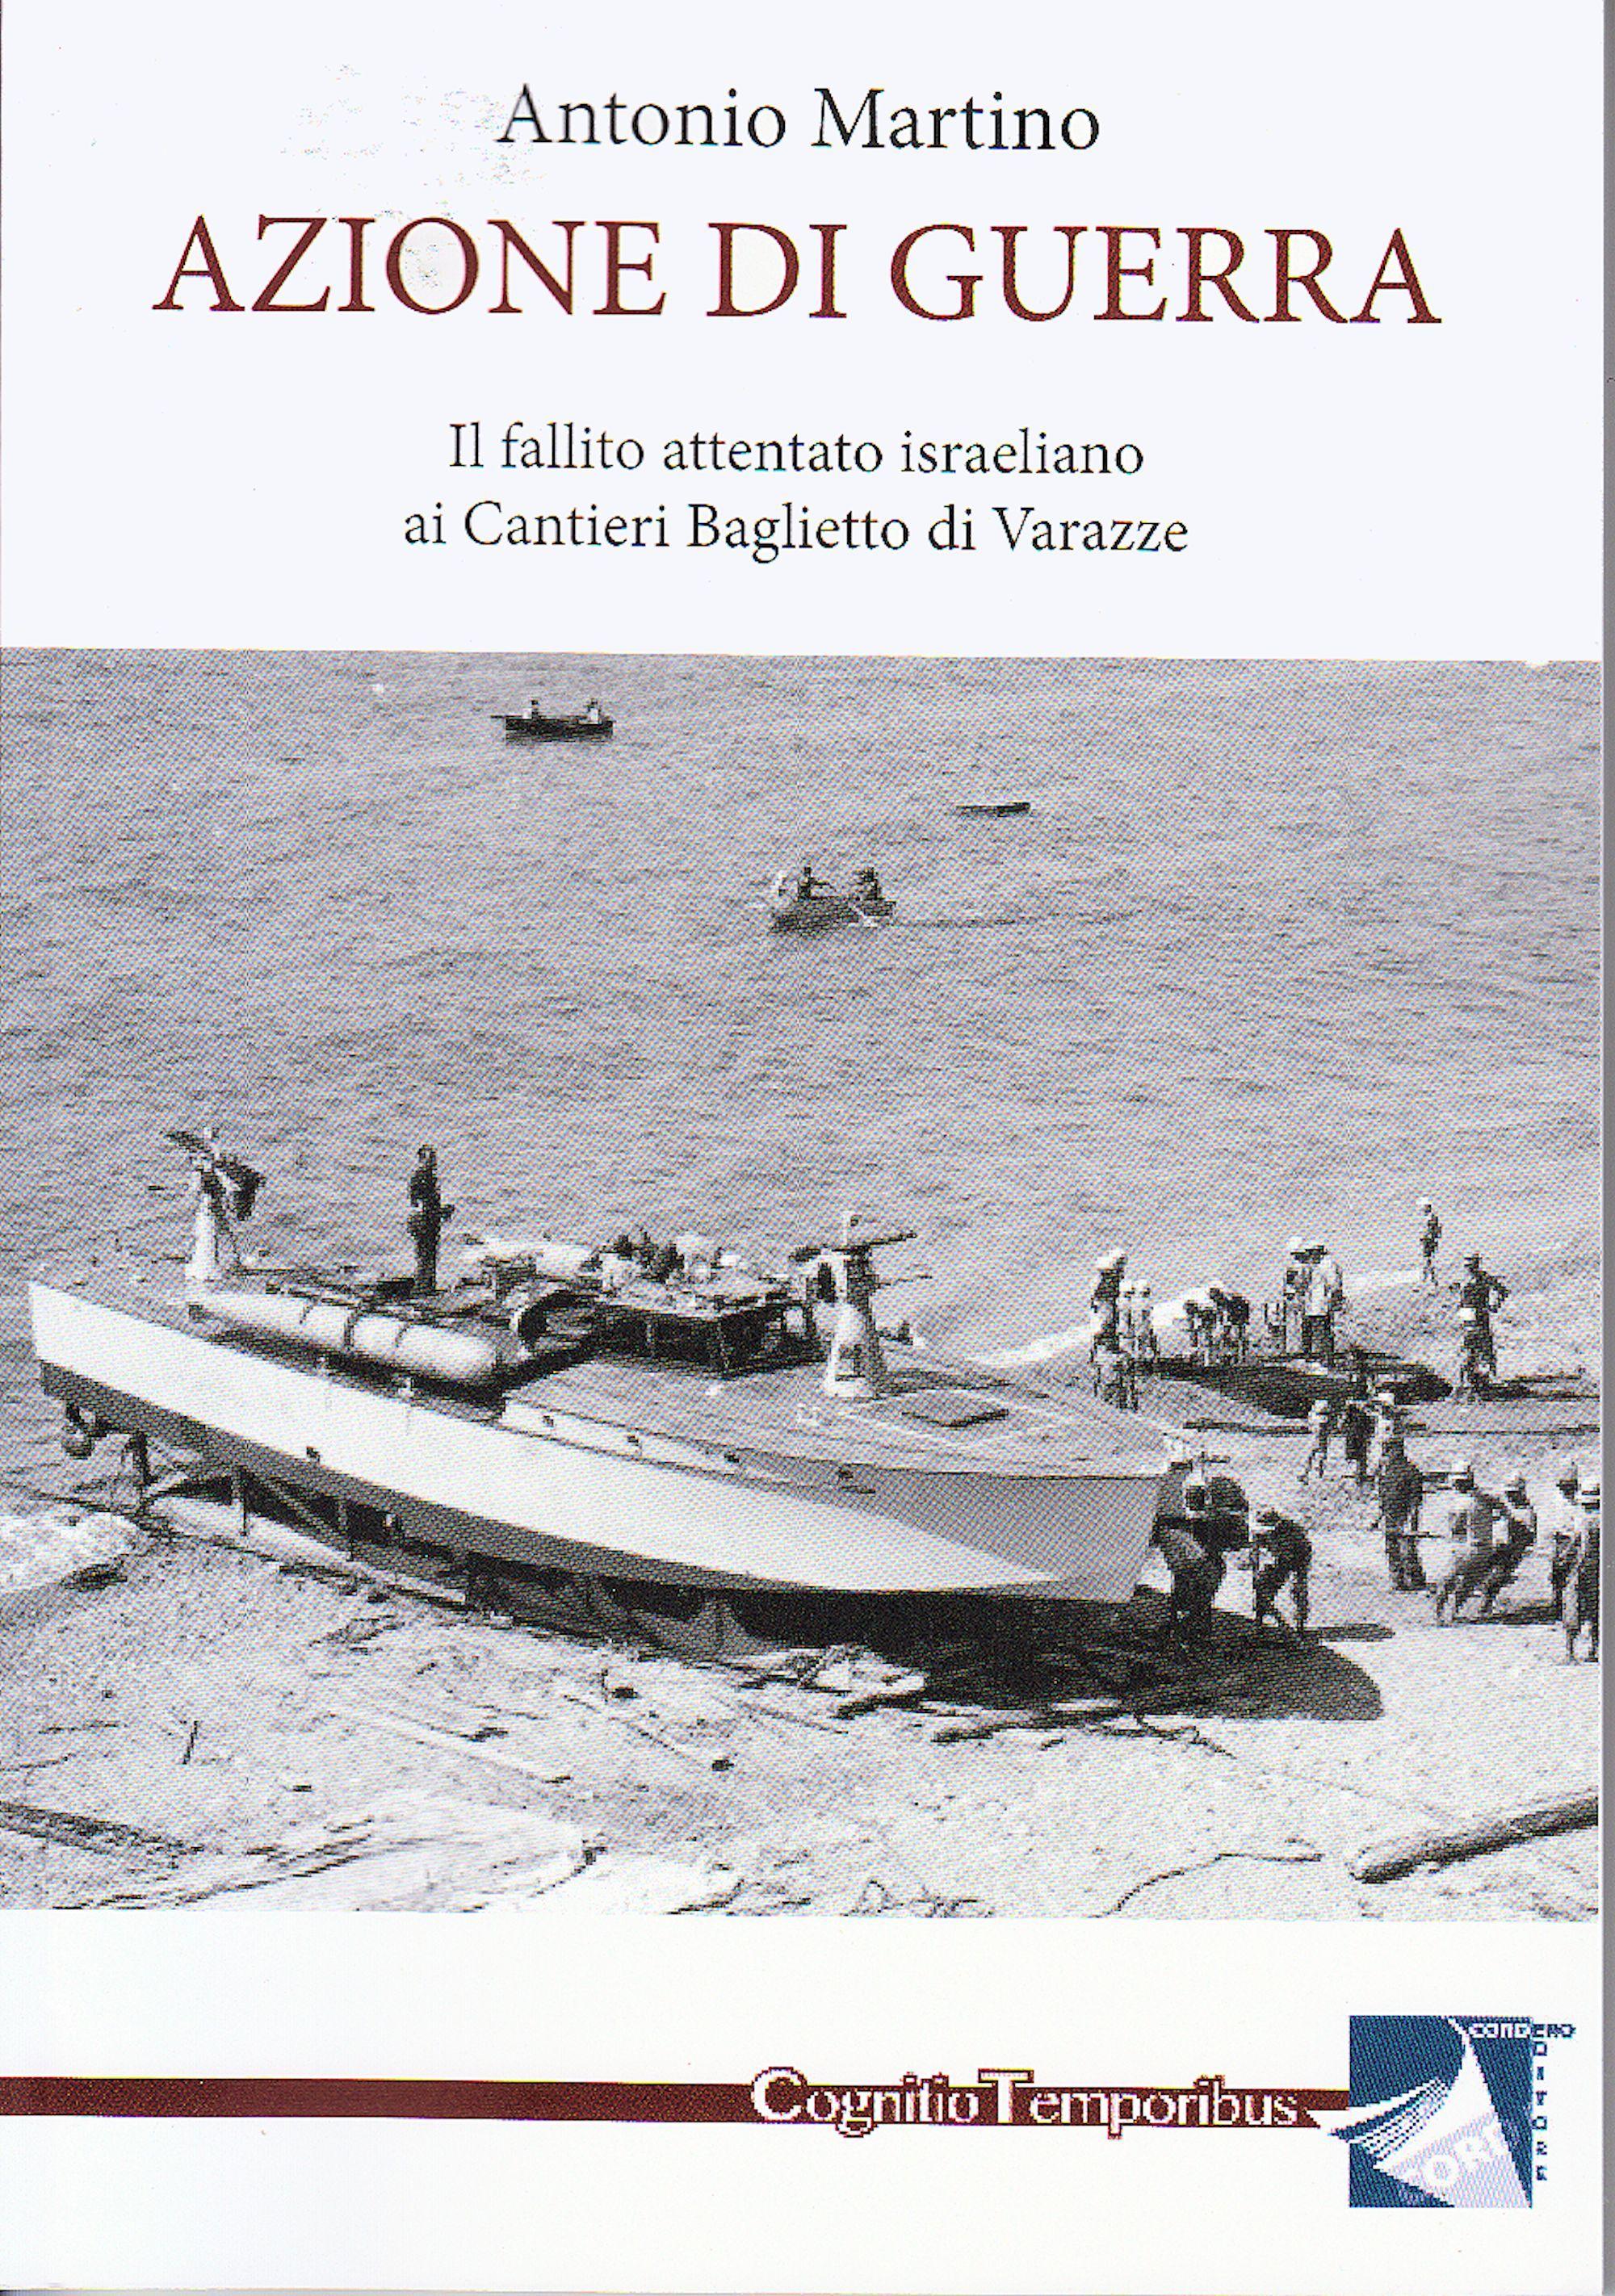 La mattina del 5 febbraio 1949, mentre in Medio Oriente è in corso la guerra arabo – israeliana, alla periferia di Varazze la Polizia Stradale ferma due uomini e una donna che nel bagagliaio della machina nascondono bombe pronte ad esplodere. Nelle settimane successive l'indagine porta alla luce un piano per distruggere, all'interno dei Cantieri Baglietto, tre imbarcazioni presumibilmente destinate alla Lega Araba: una missione segreta condotta da agenti di quello che di lì a pochi mesi sarà…